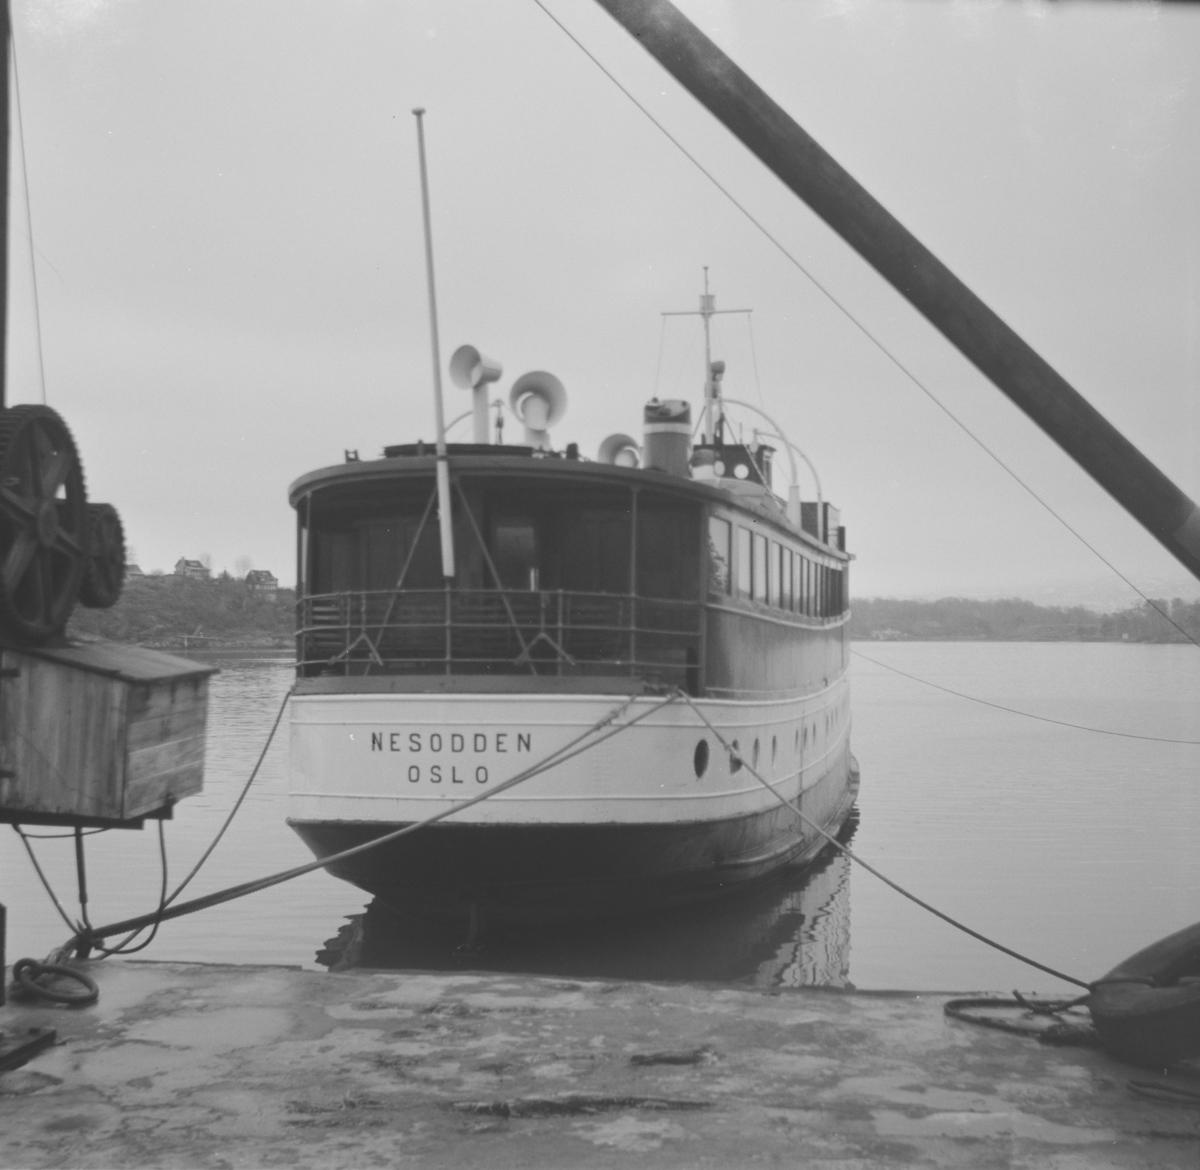 MS Nesodden i opplag ved Gressholmen. Skipet ble tatt ut av trafikk året før.